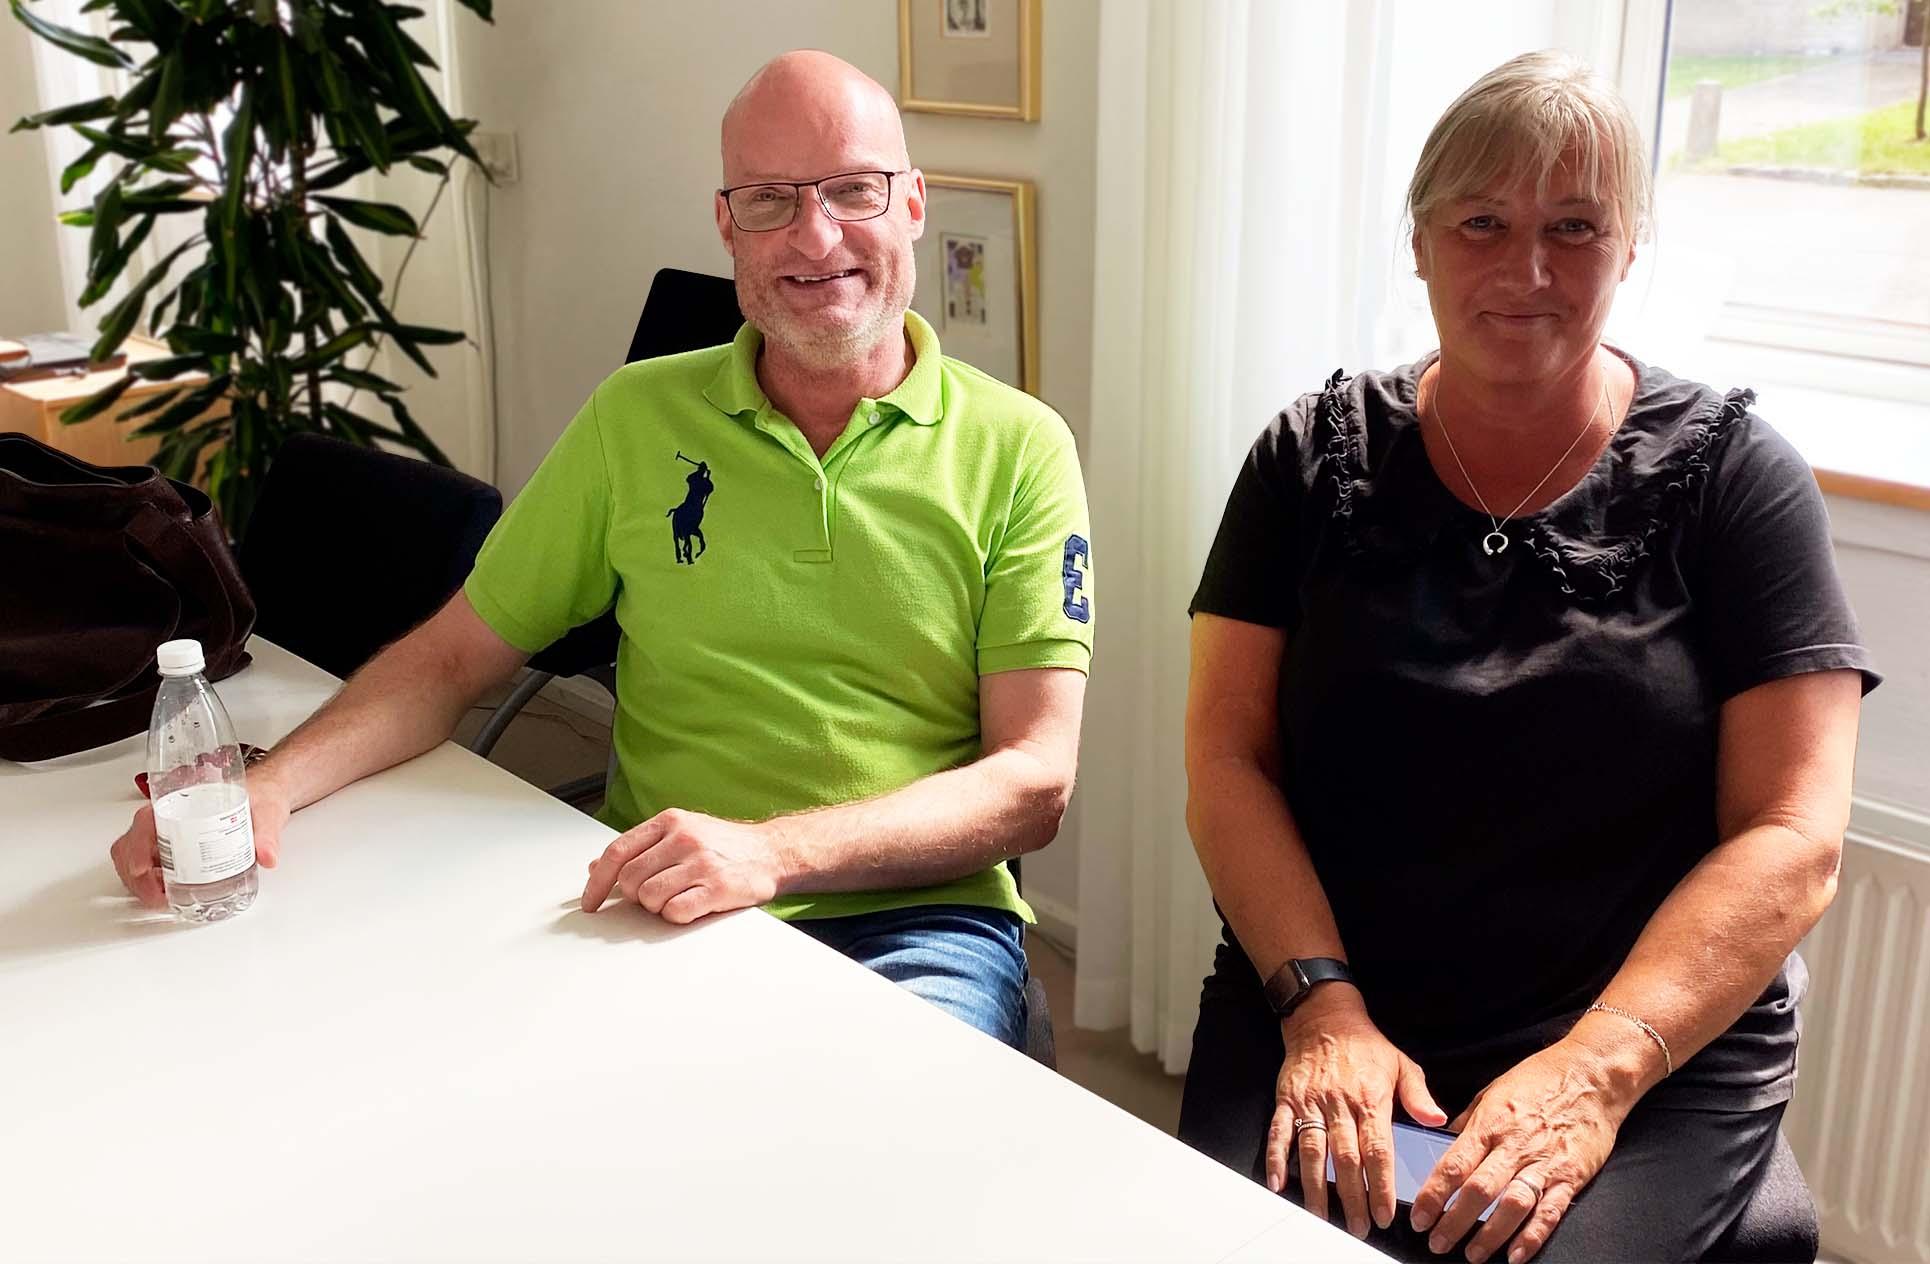 IntelligentCARE implementere kaldesystem på Østervang plejecenter i samarbejde med Tom Grøndahl Andersen